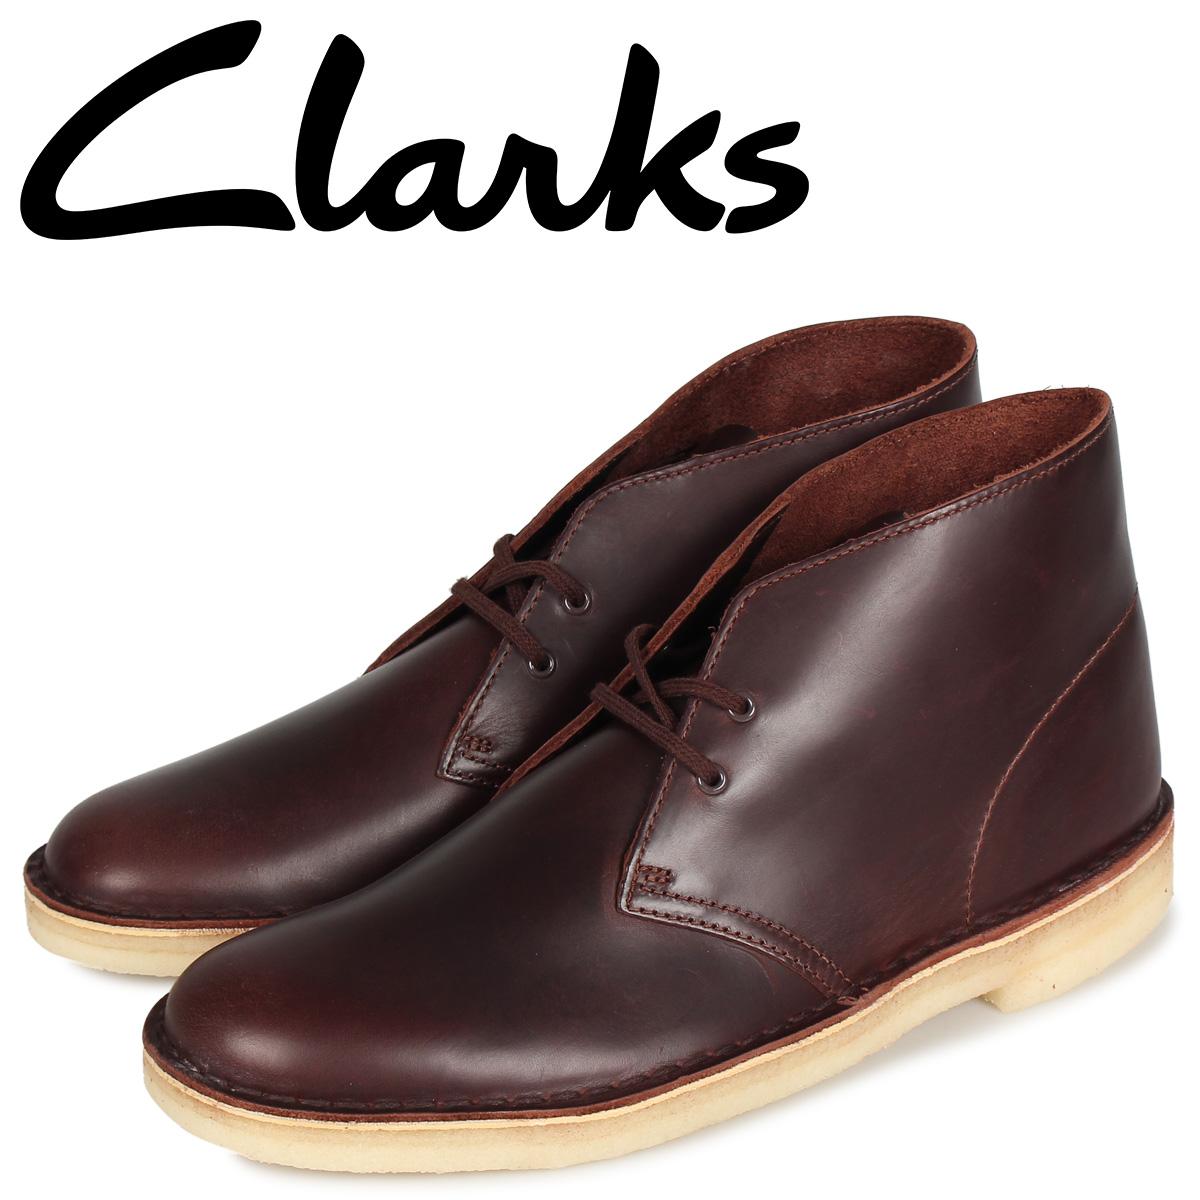 クラークス Clarks デザートブーツ メンズ DESERT BOOT ブラウン 26144228